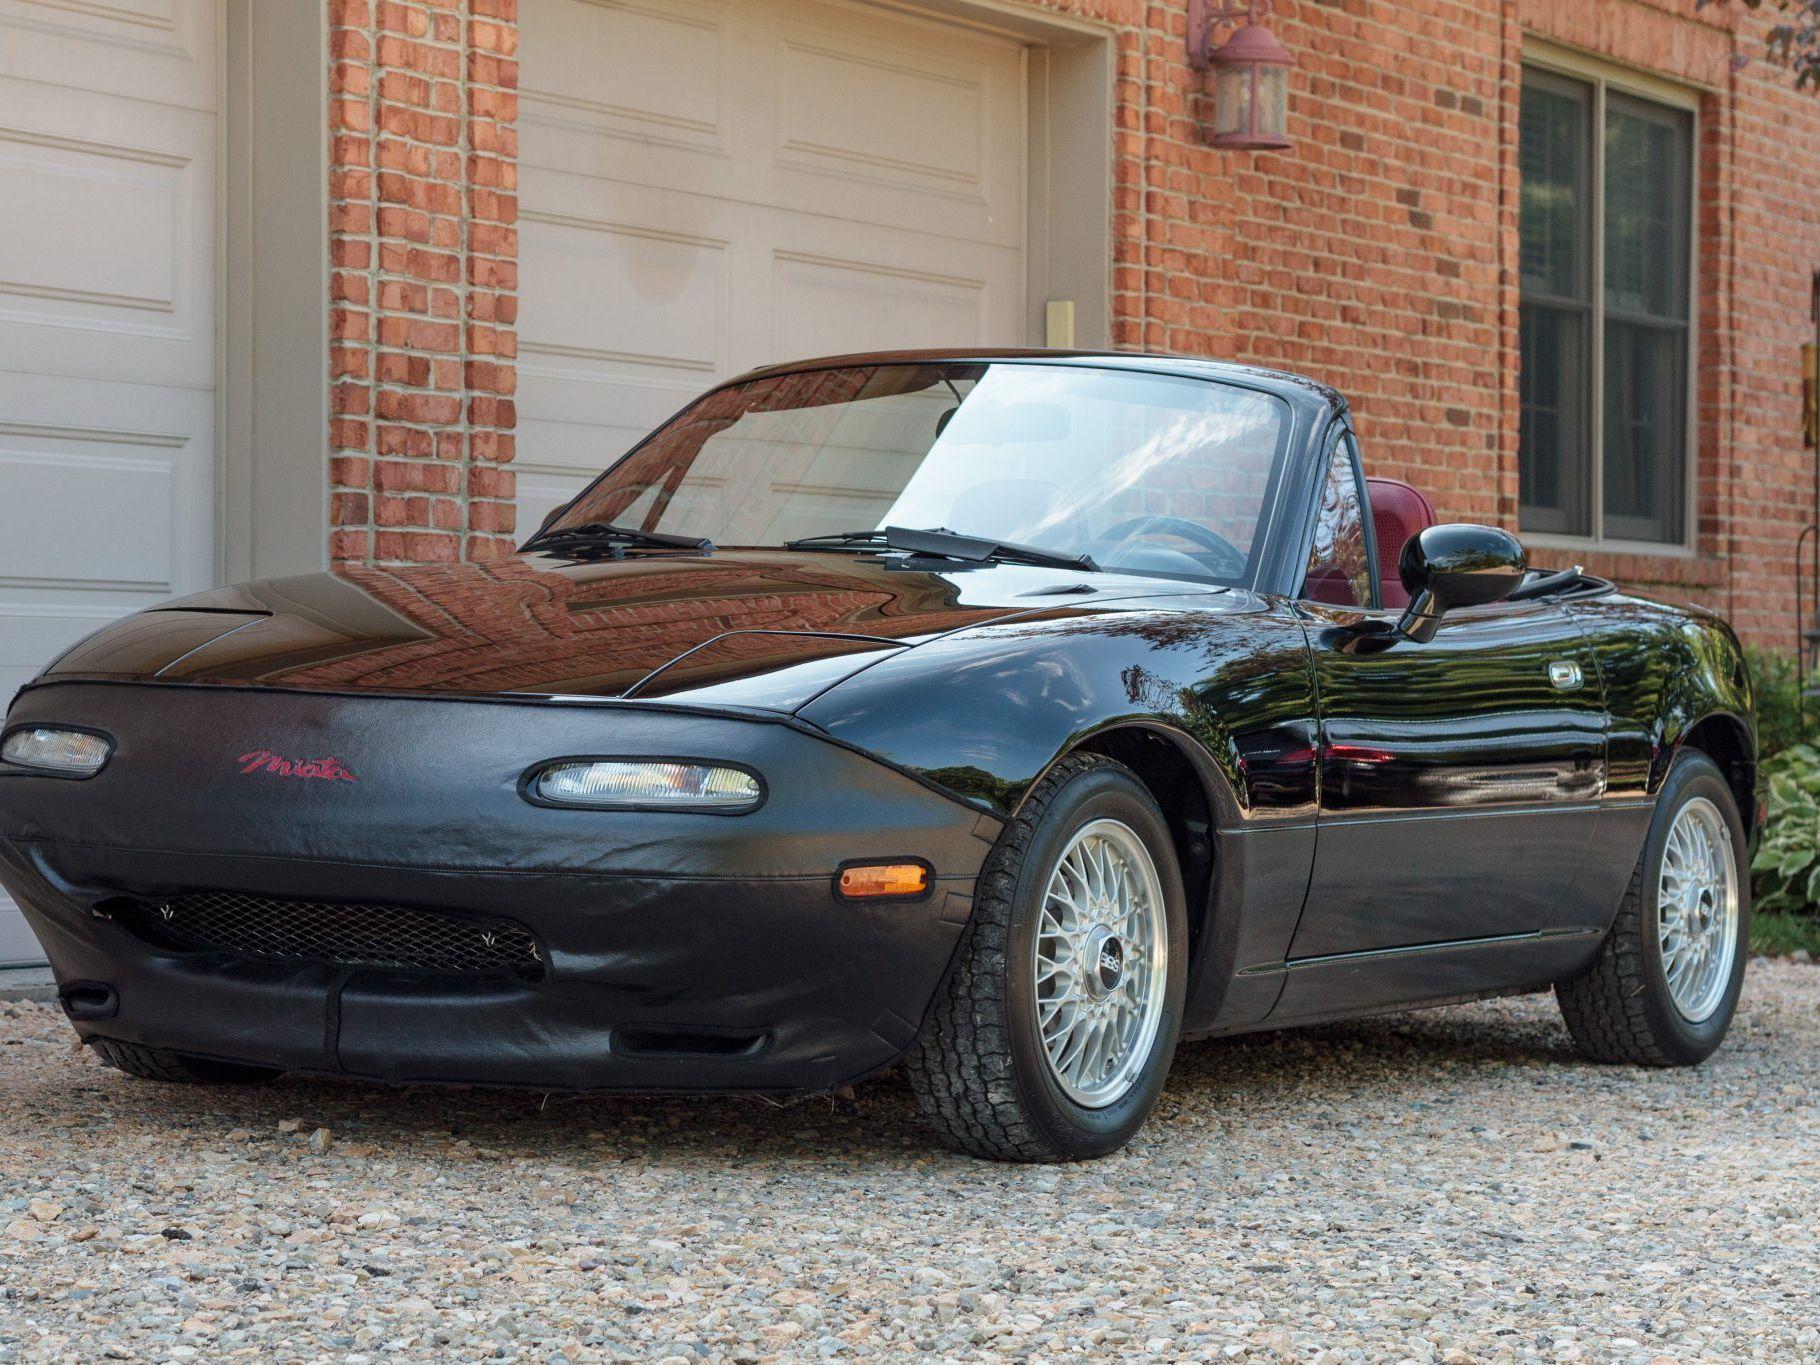 1993 Mazda Miata Limited Edition